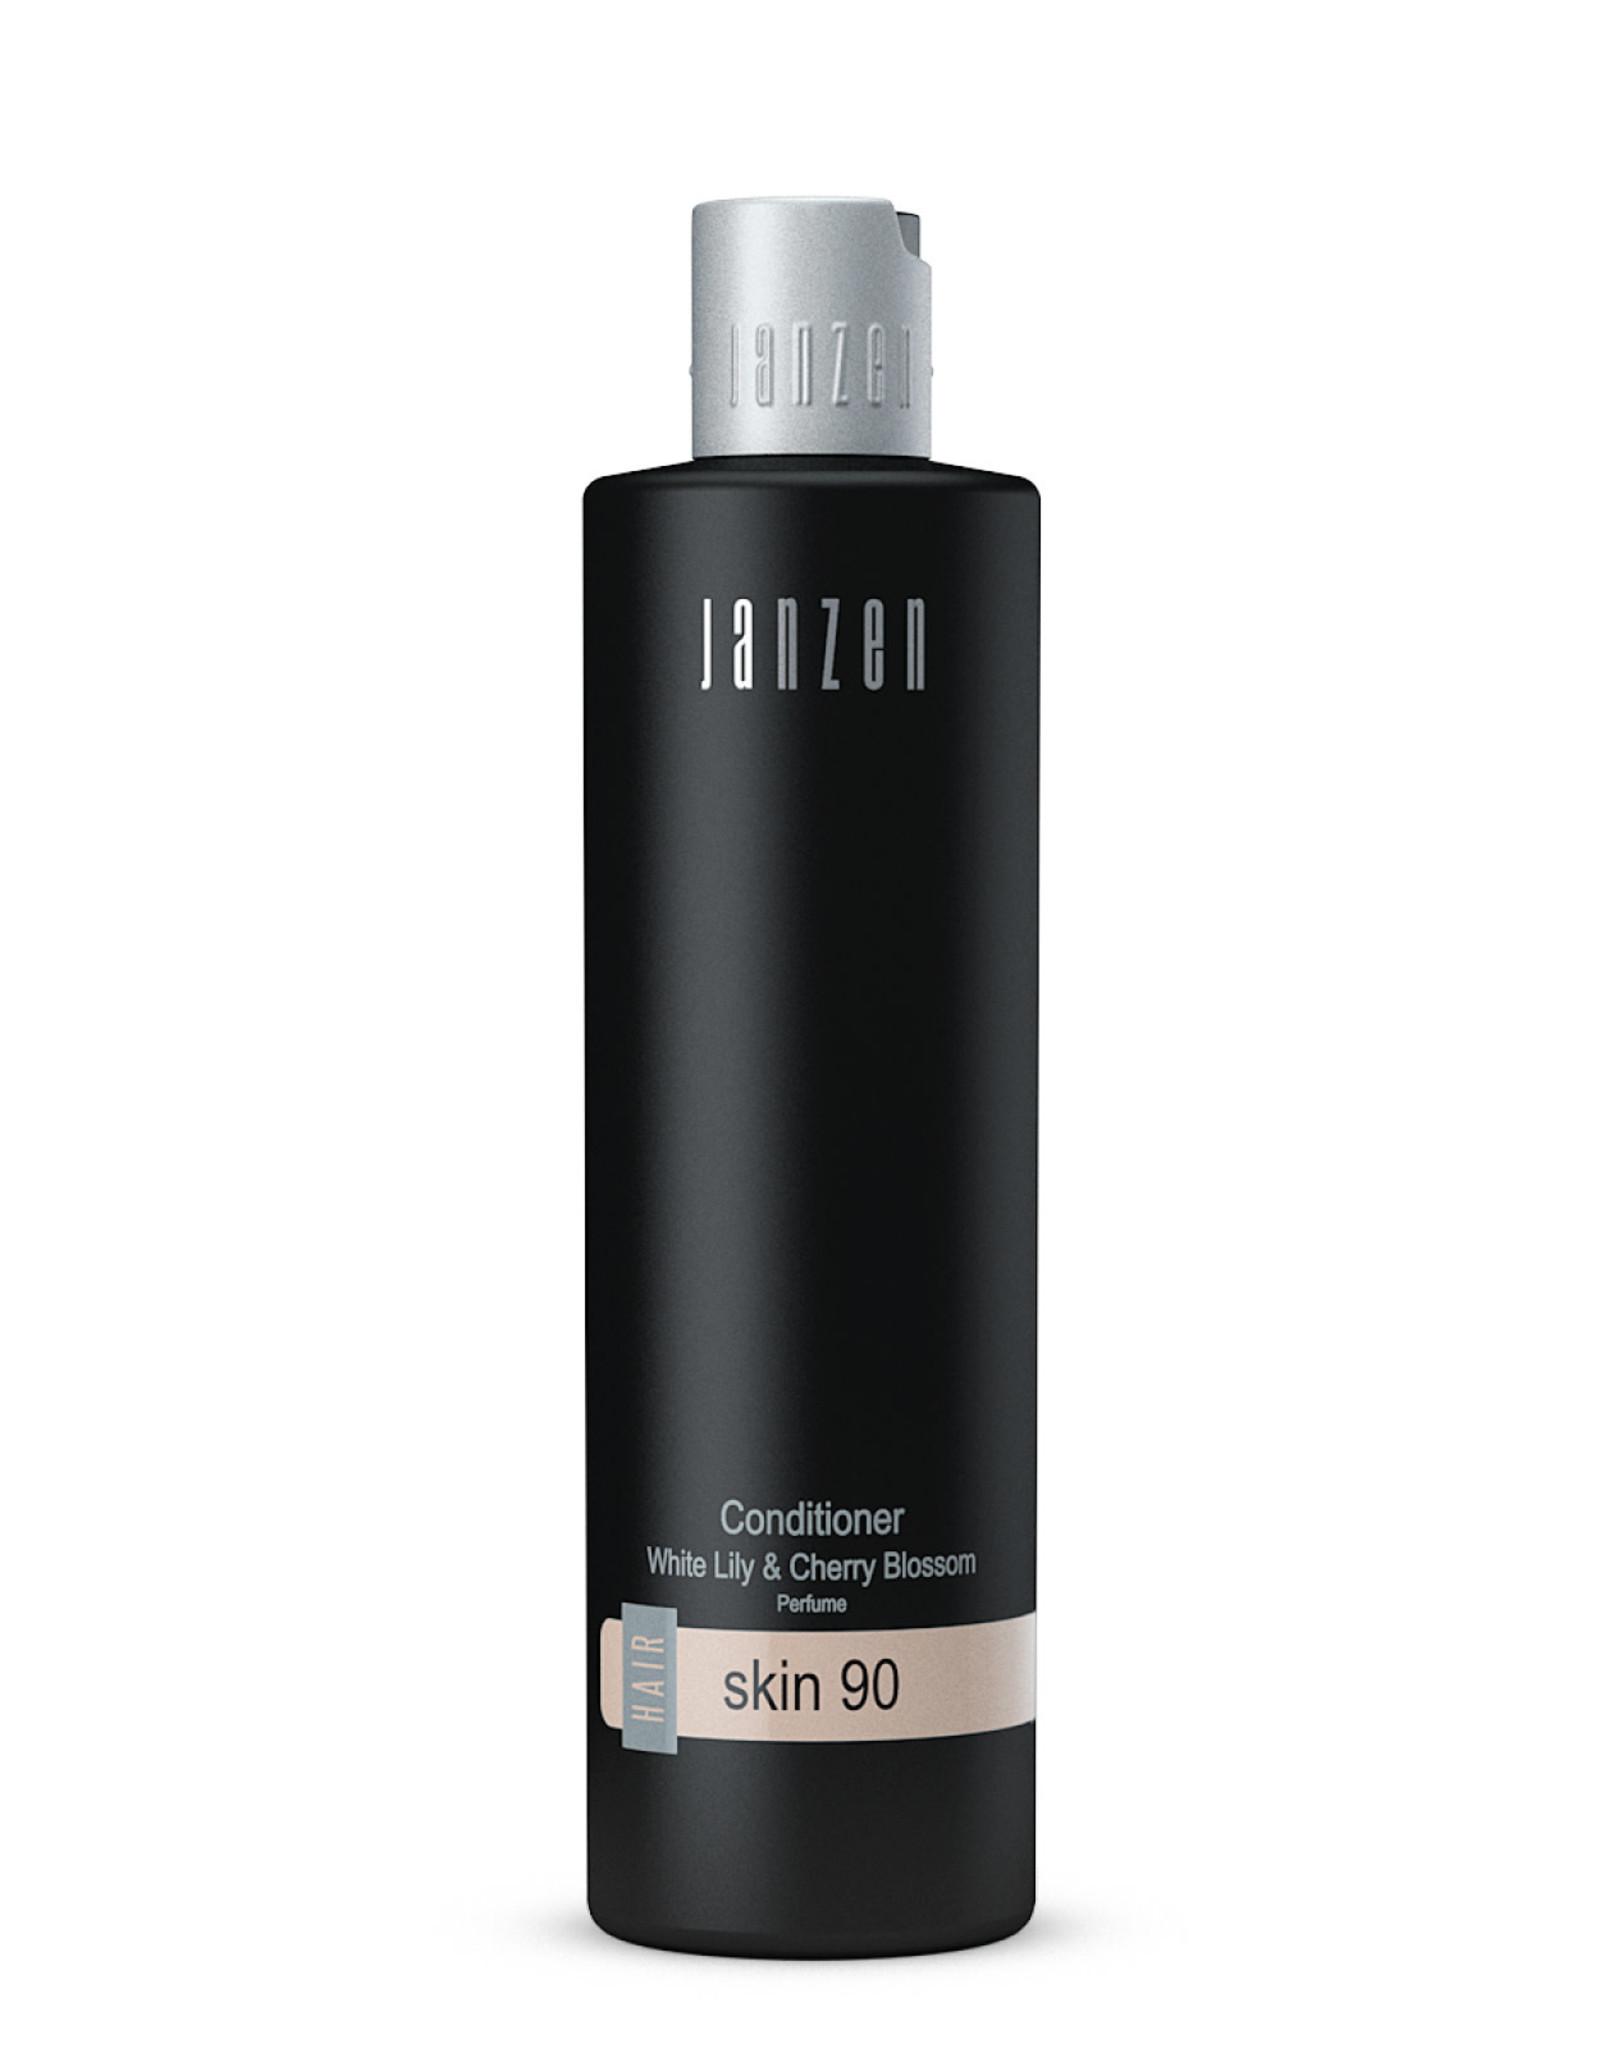 JANZEN Conditioner Skin 90 300ml - JANZEN